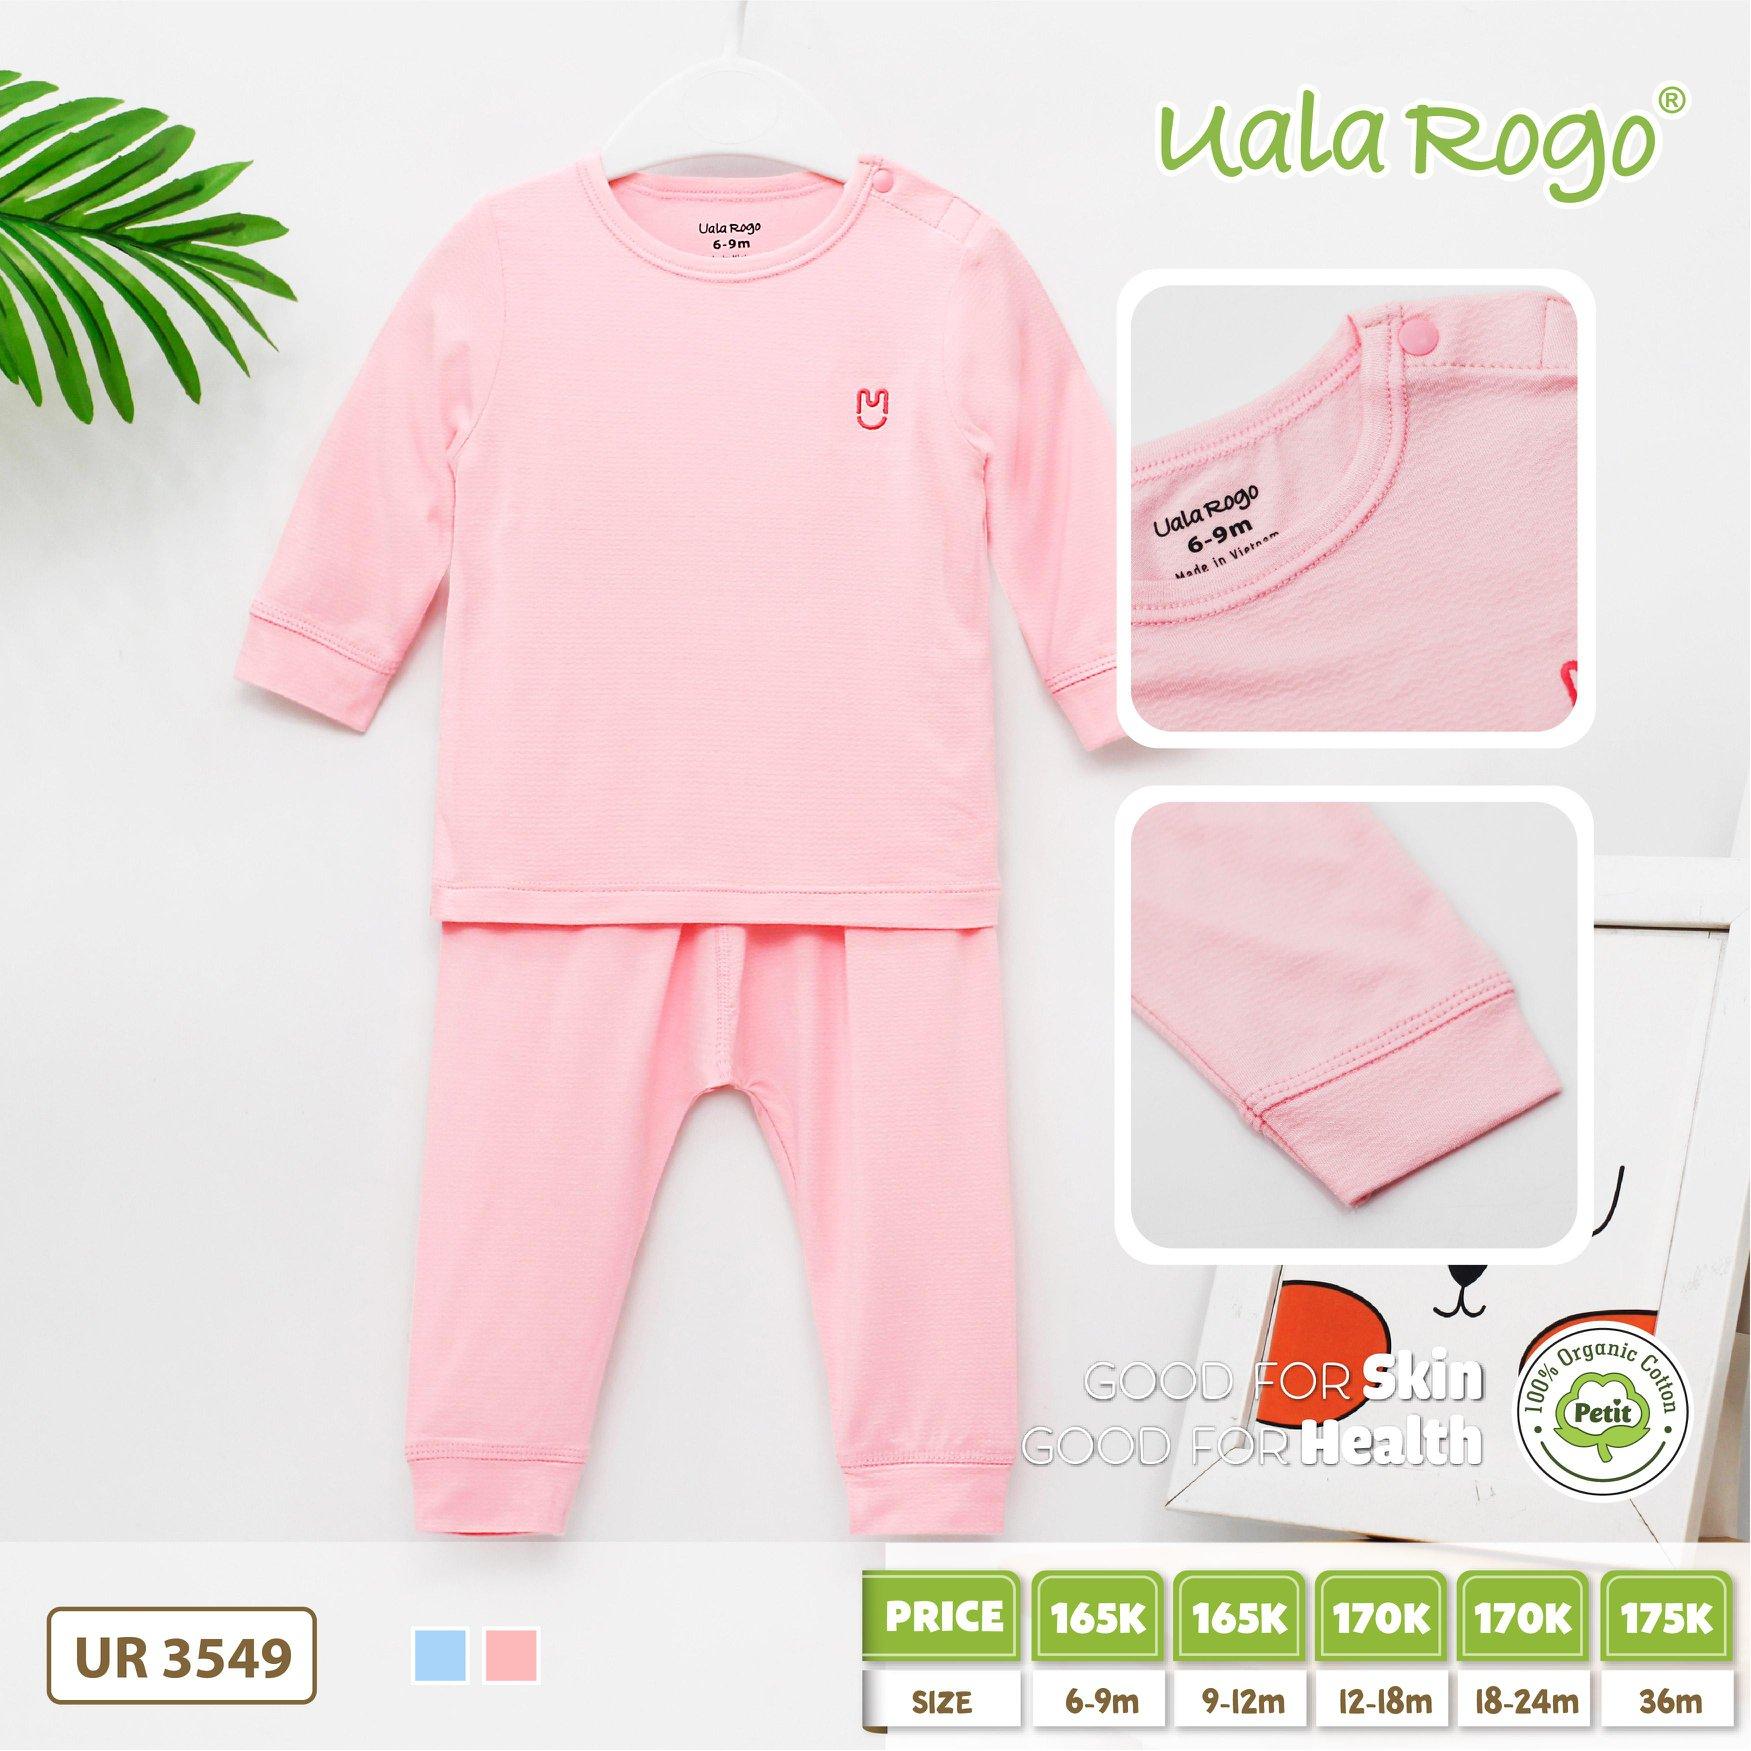 UR3549.2- Set đồ dài cài vài cho bé Uala Rogo - Hồng